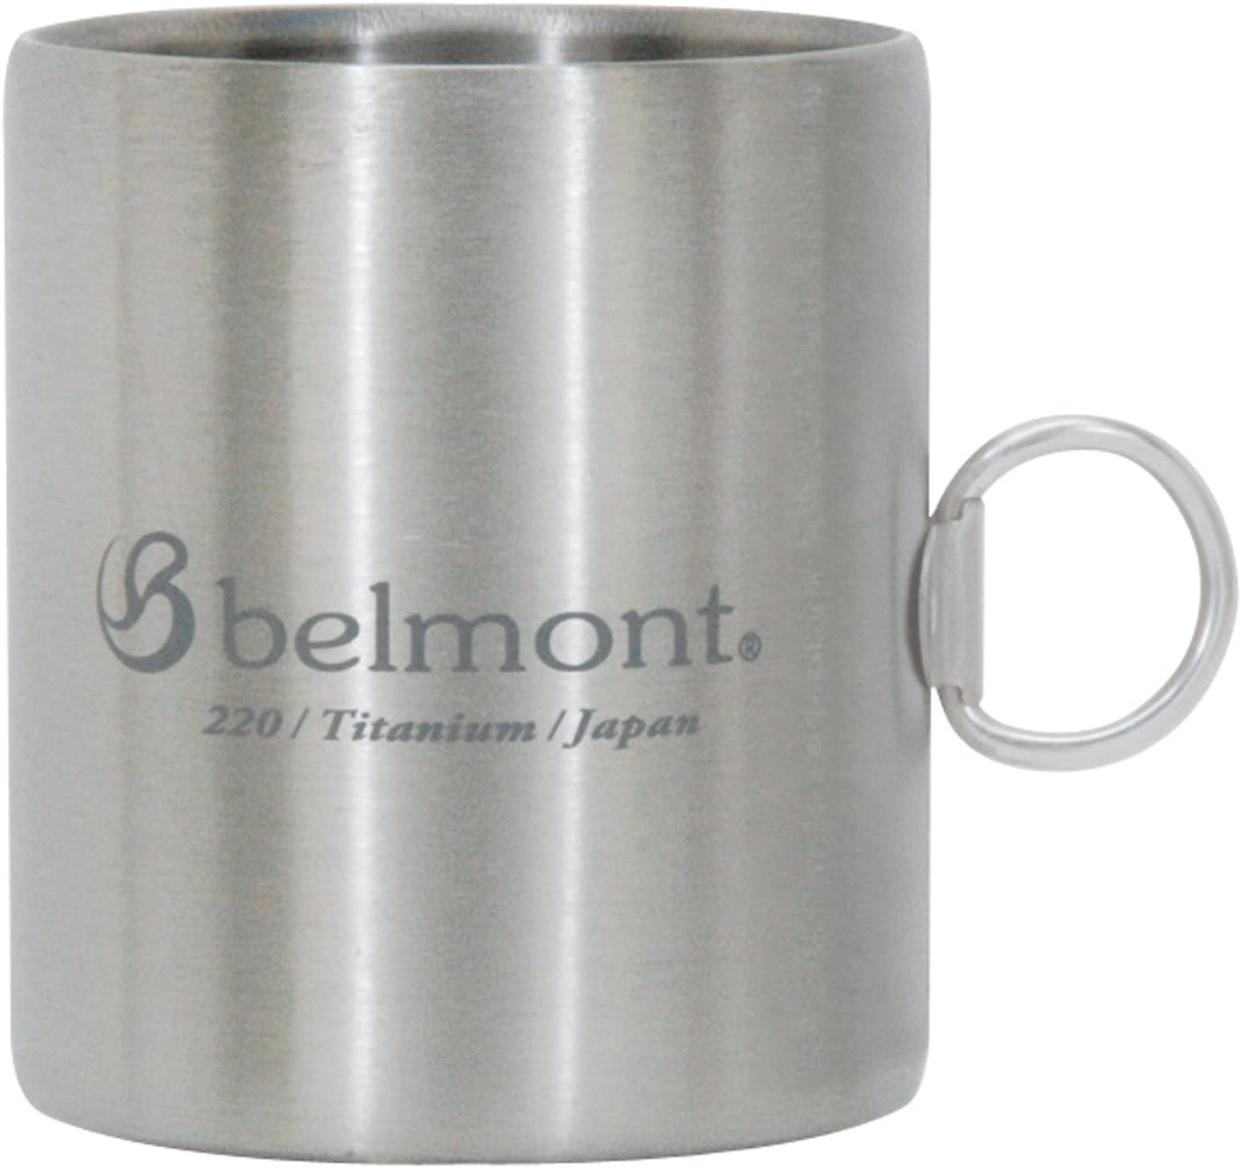 Belmont(ベルモント) チタンダブルマグ220リング付logo BM-301の商品画像